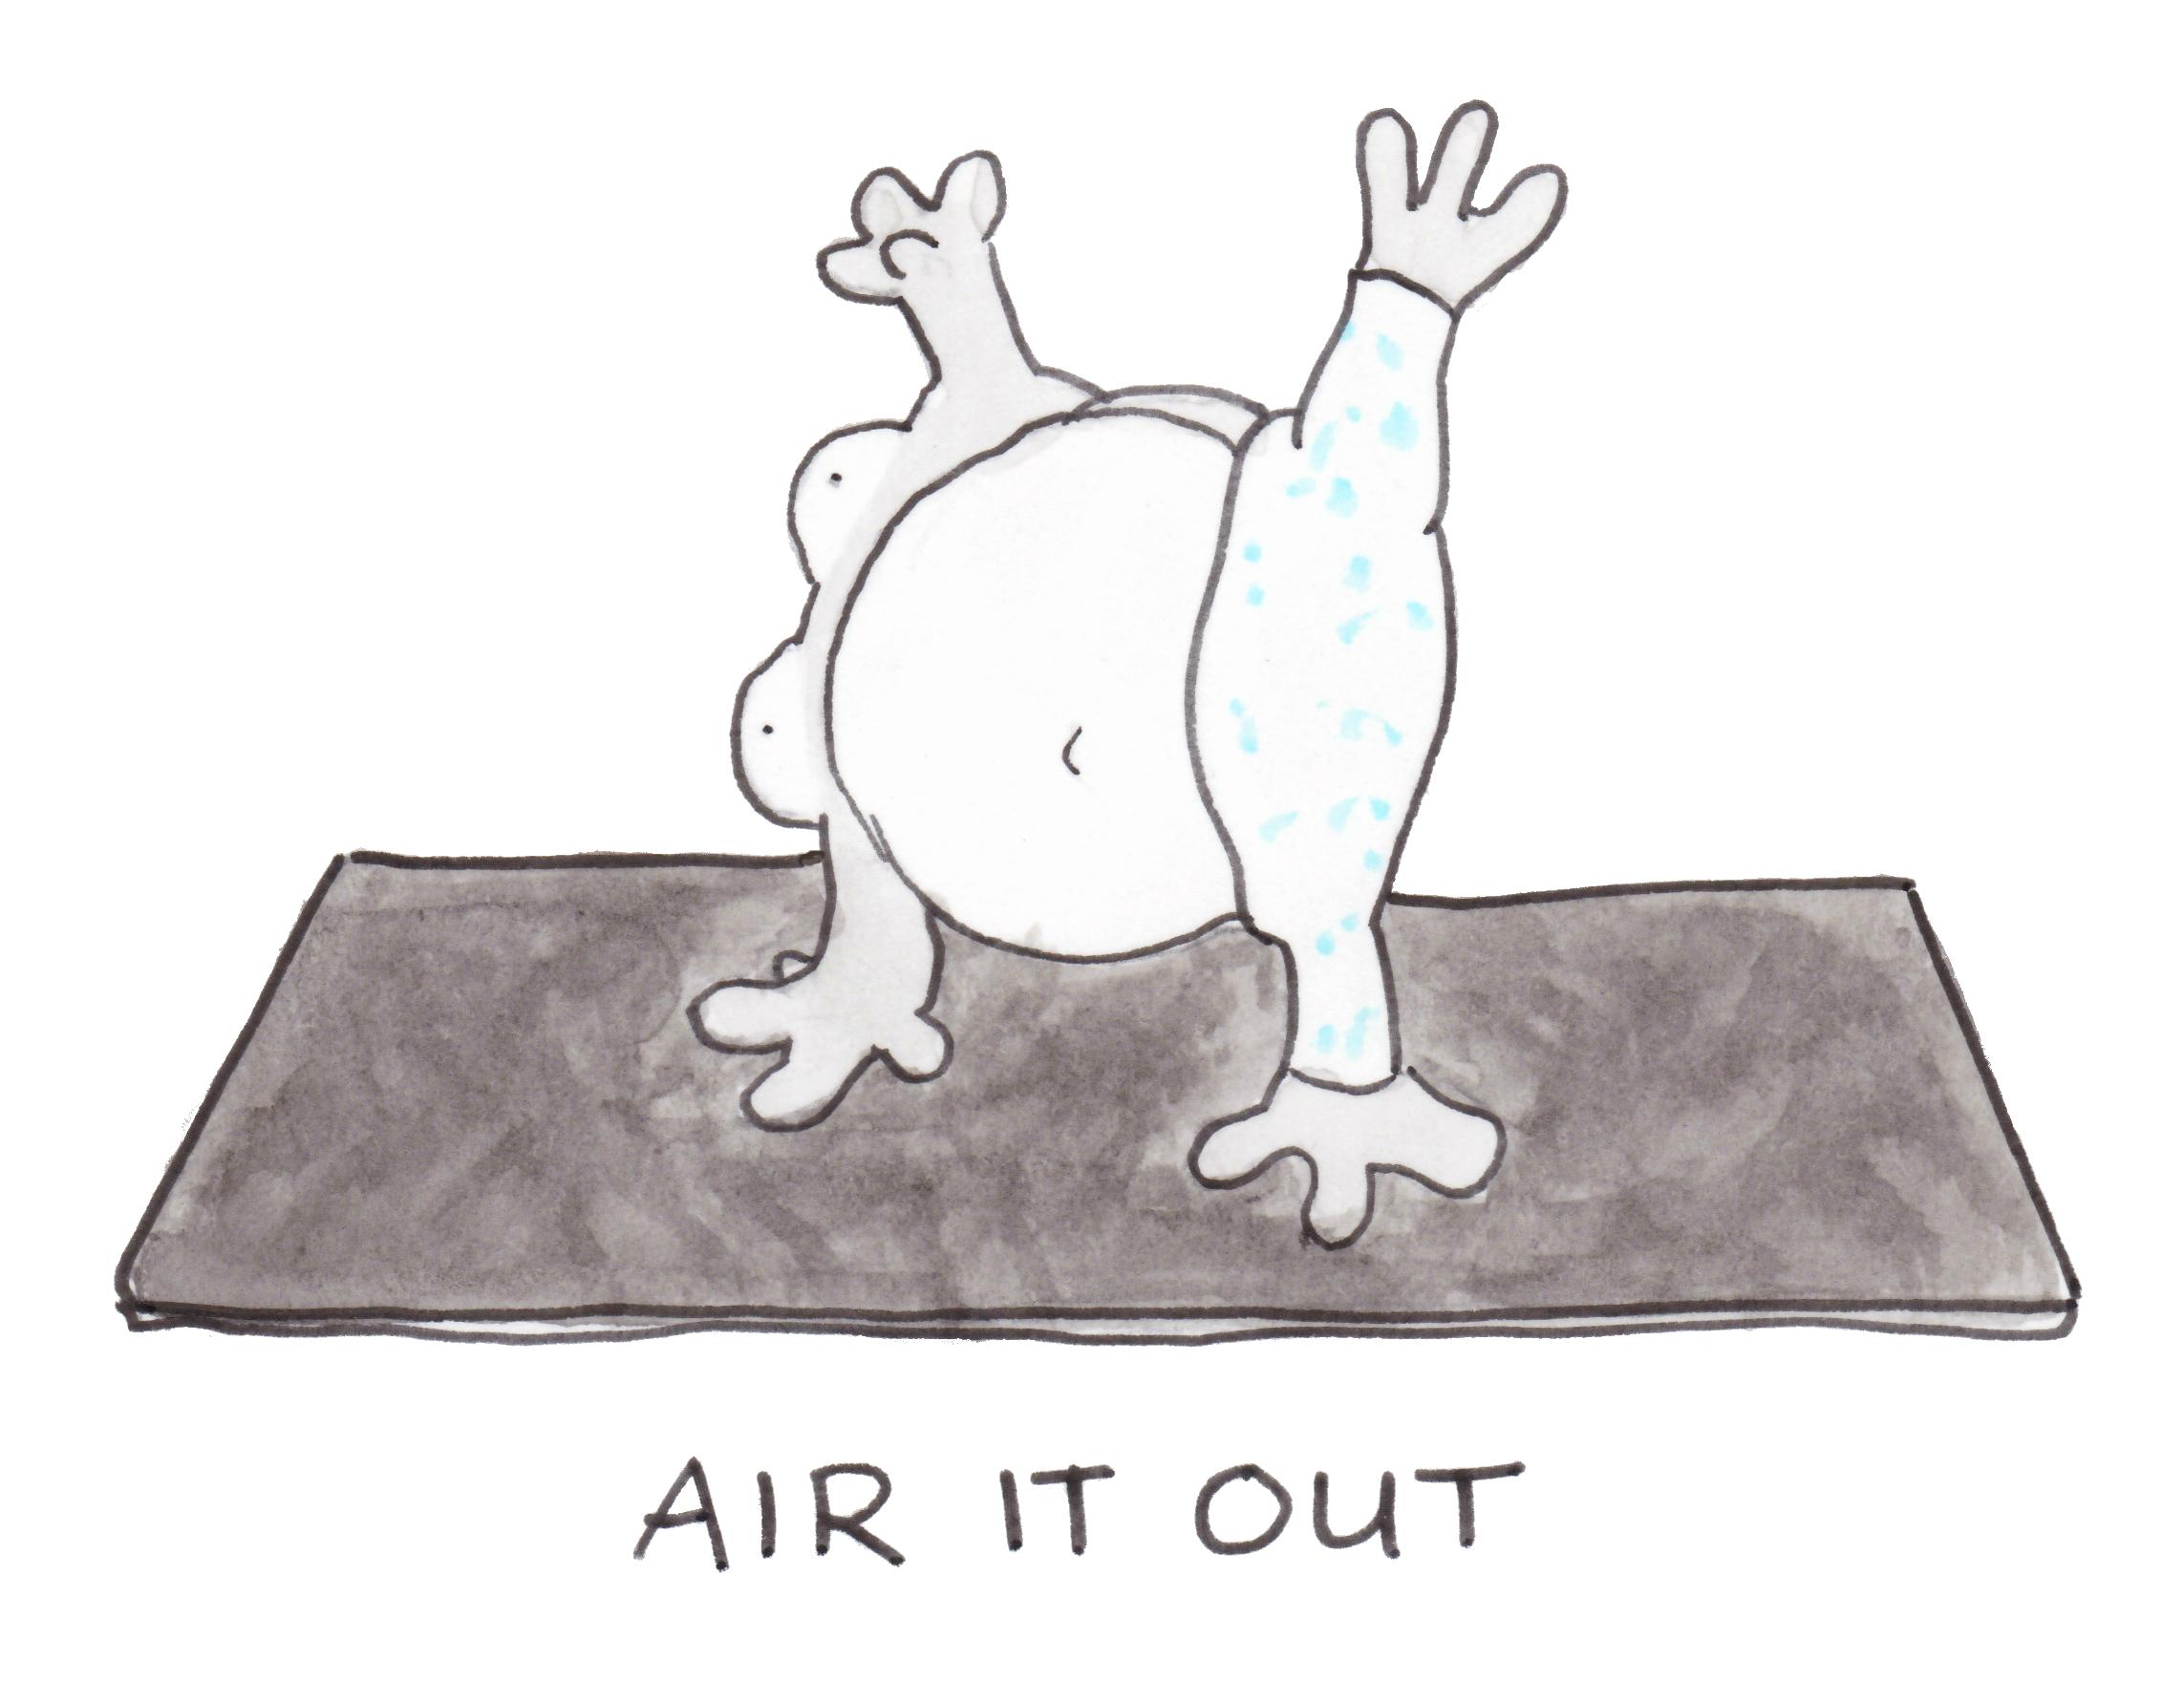 5-Air it Out 1.jpg